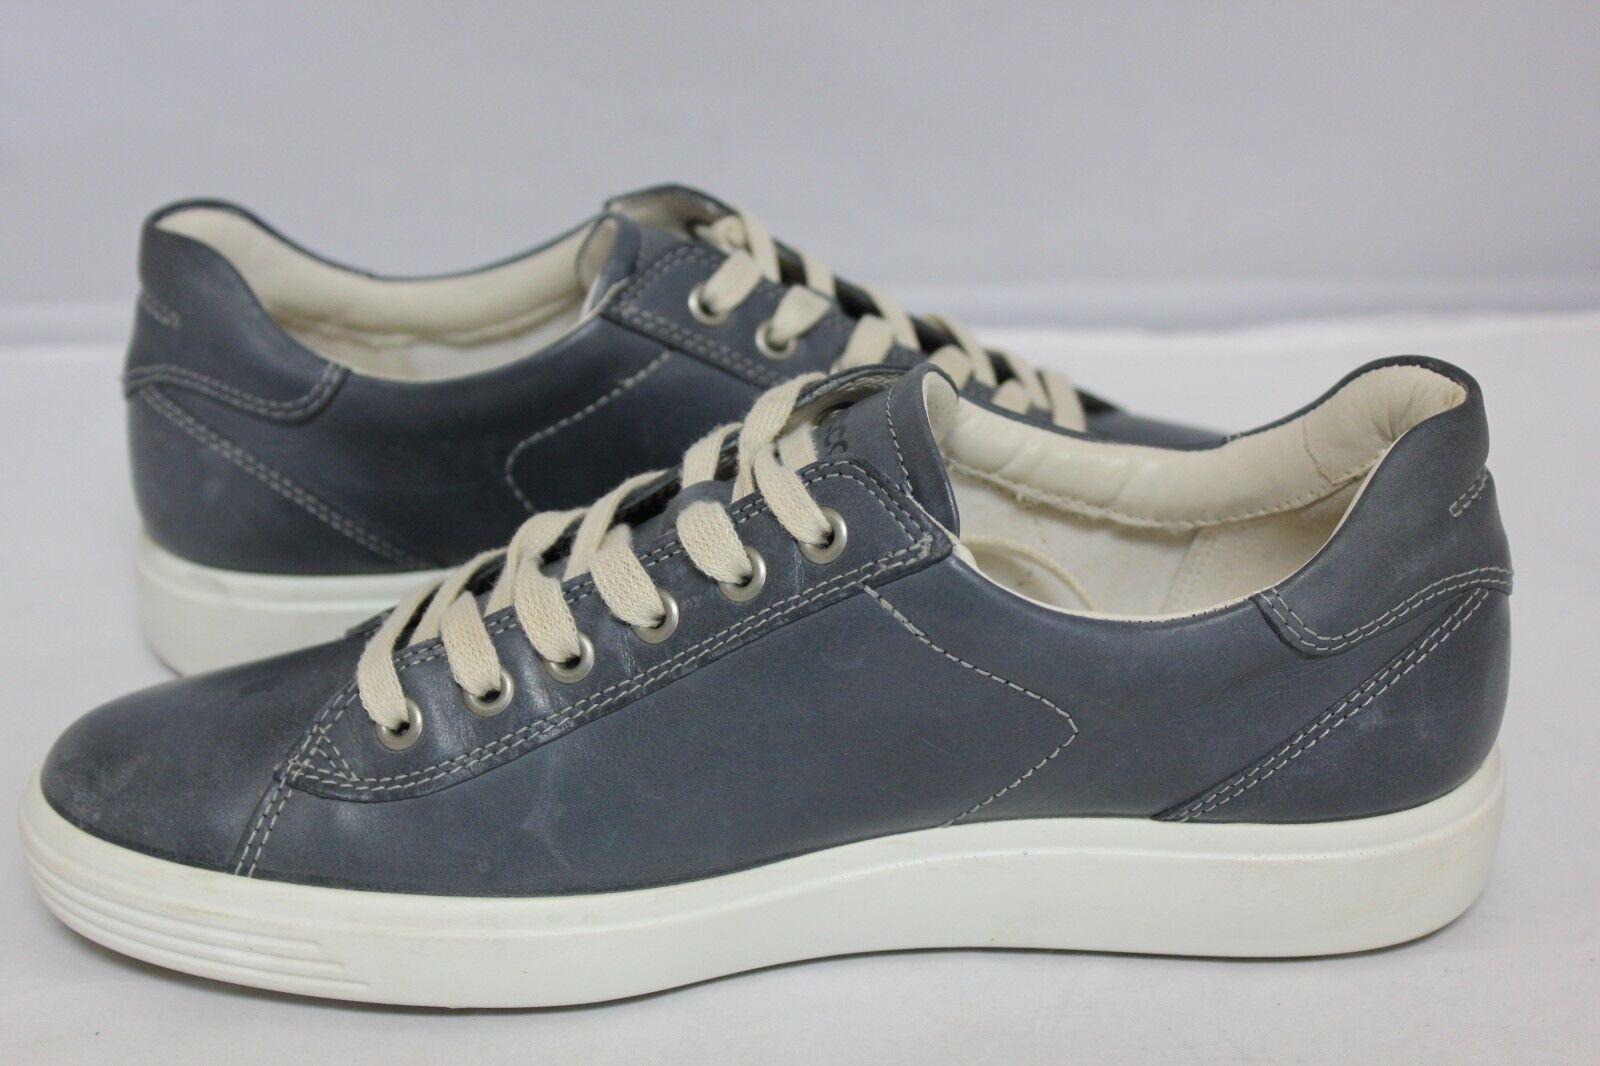 Ecco Soft 7 Ladies Sneaker Sneaker Sneaker Size 10-10.5 b79d7c